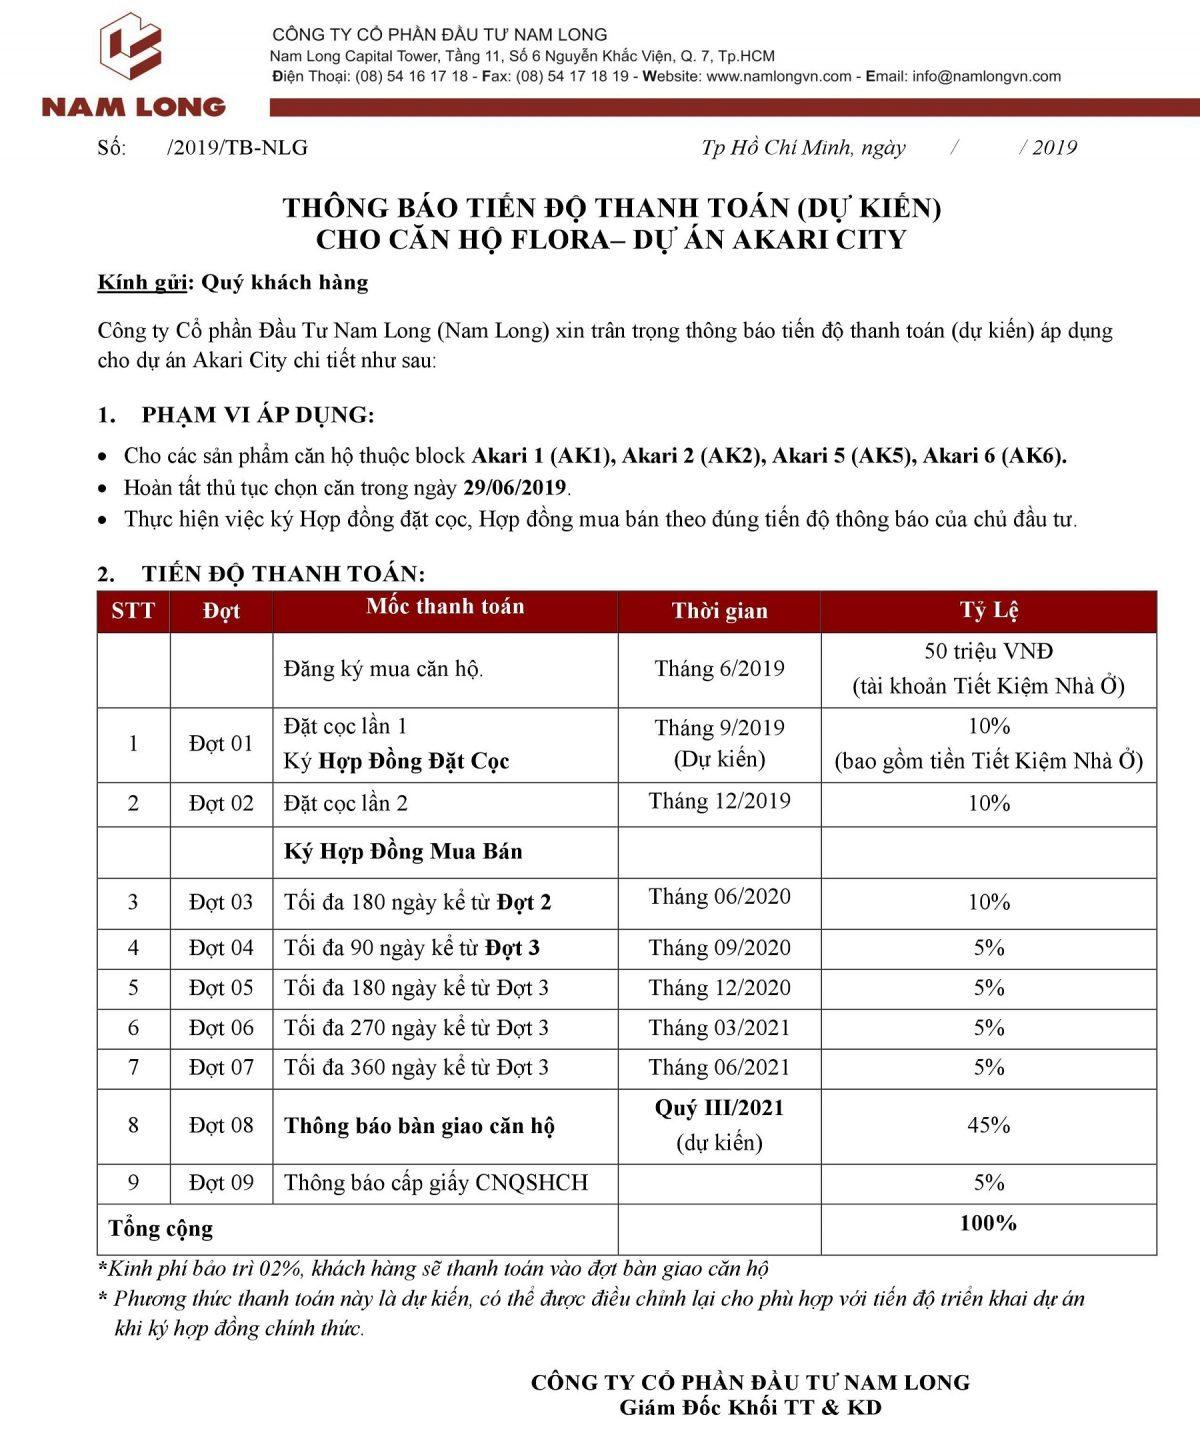 Cách tính lãi suất vay ngân hàng khi mua căn hộ Akari City quận Bình Tân